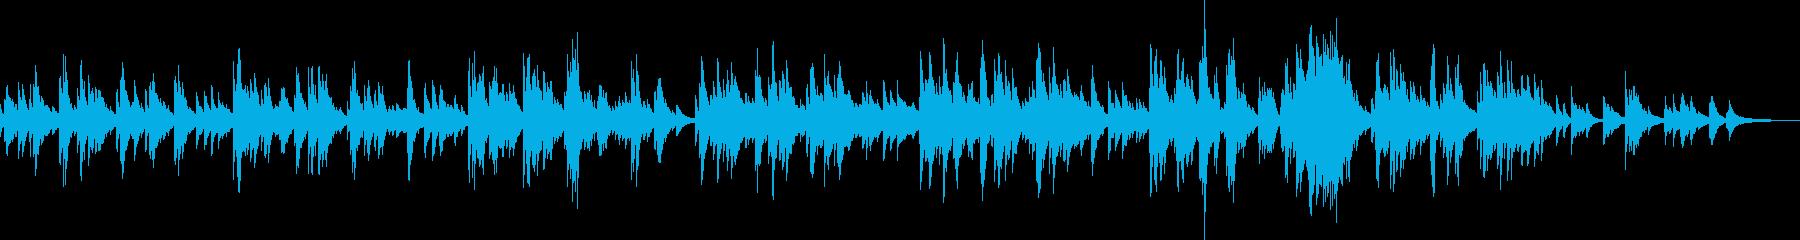 愛情(ピアノソロ・優しい・安心・BGM)の再生済みの波形